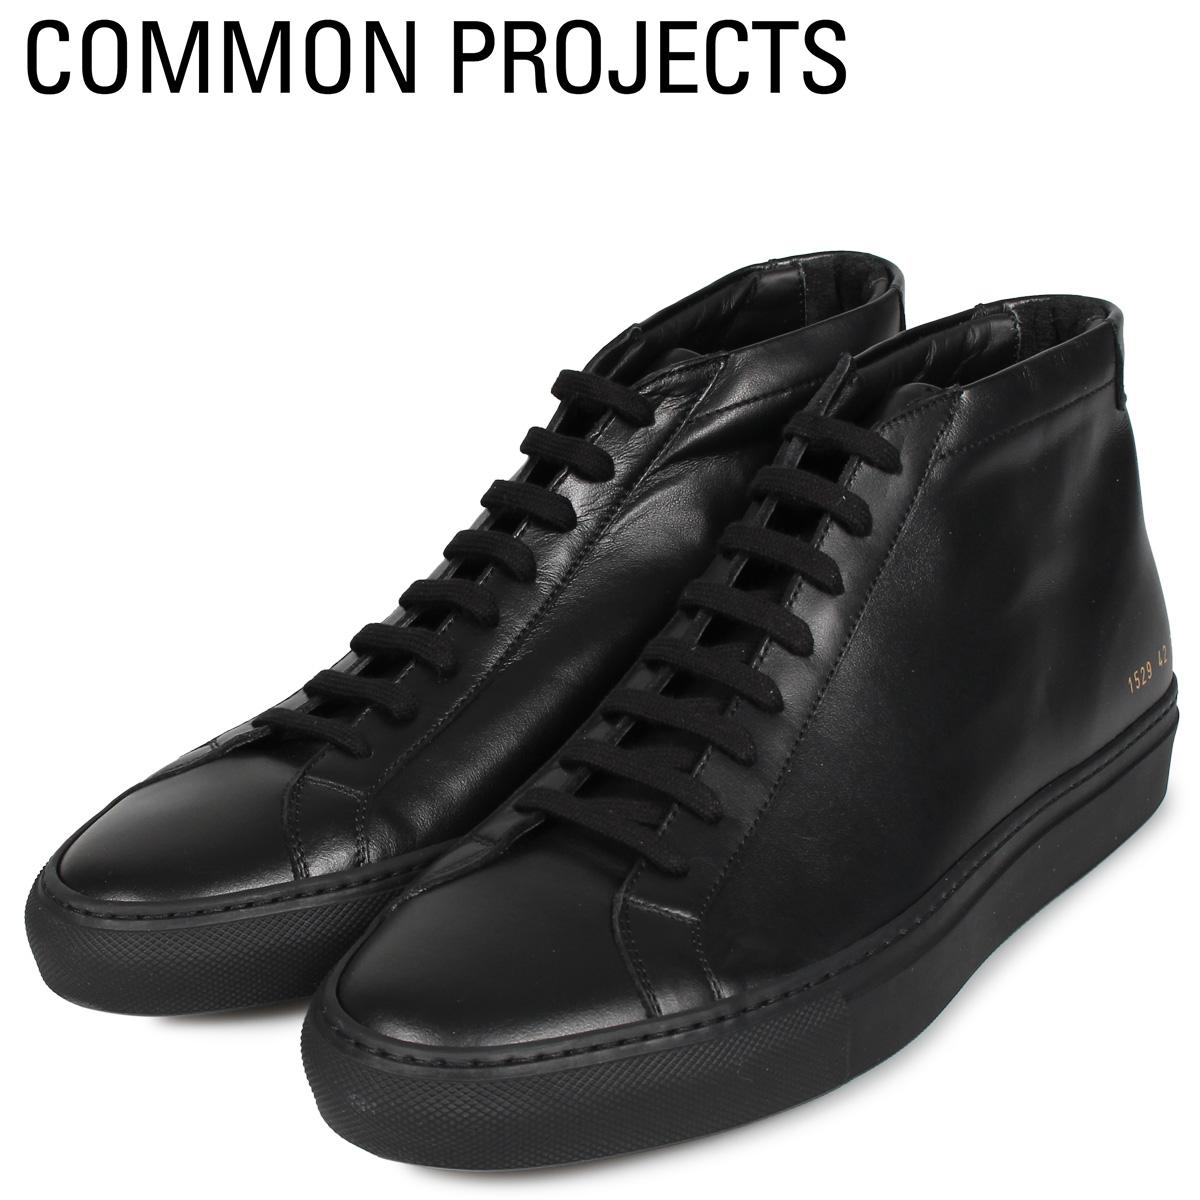 Common Projects コモンプロジェクト アキレス ミッド スニーカー メンズ ACHILLES MID ブラック 黒 1529-7547 [4/2追加入荷]